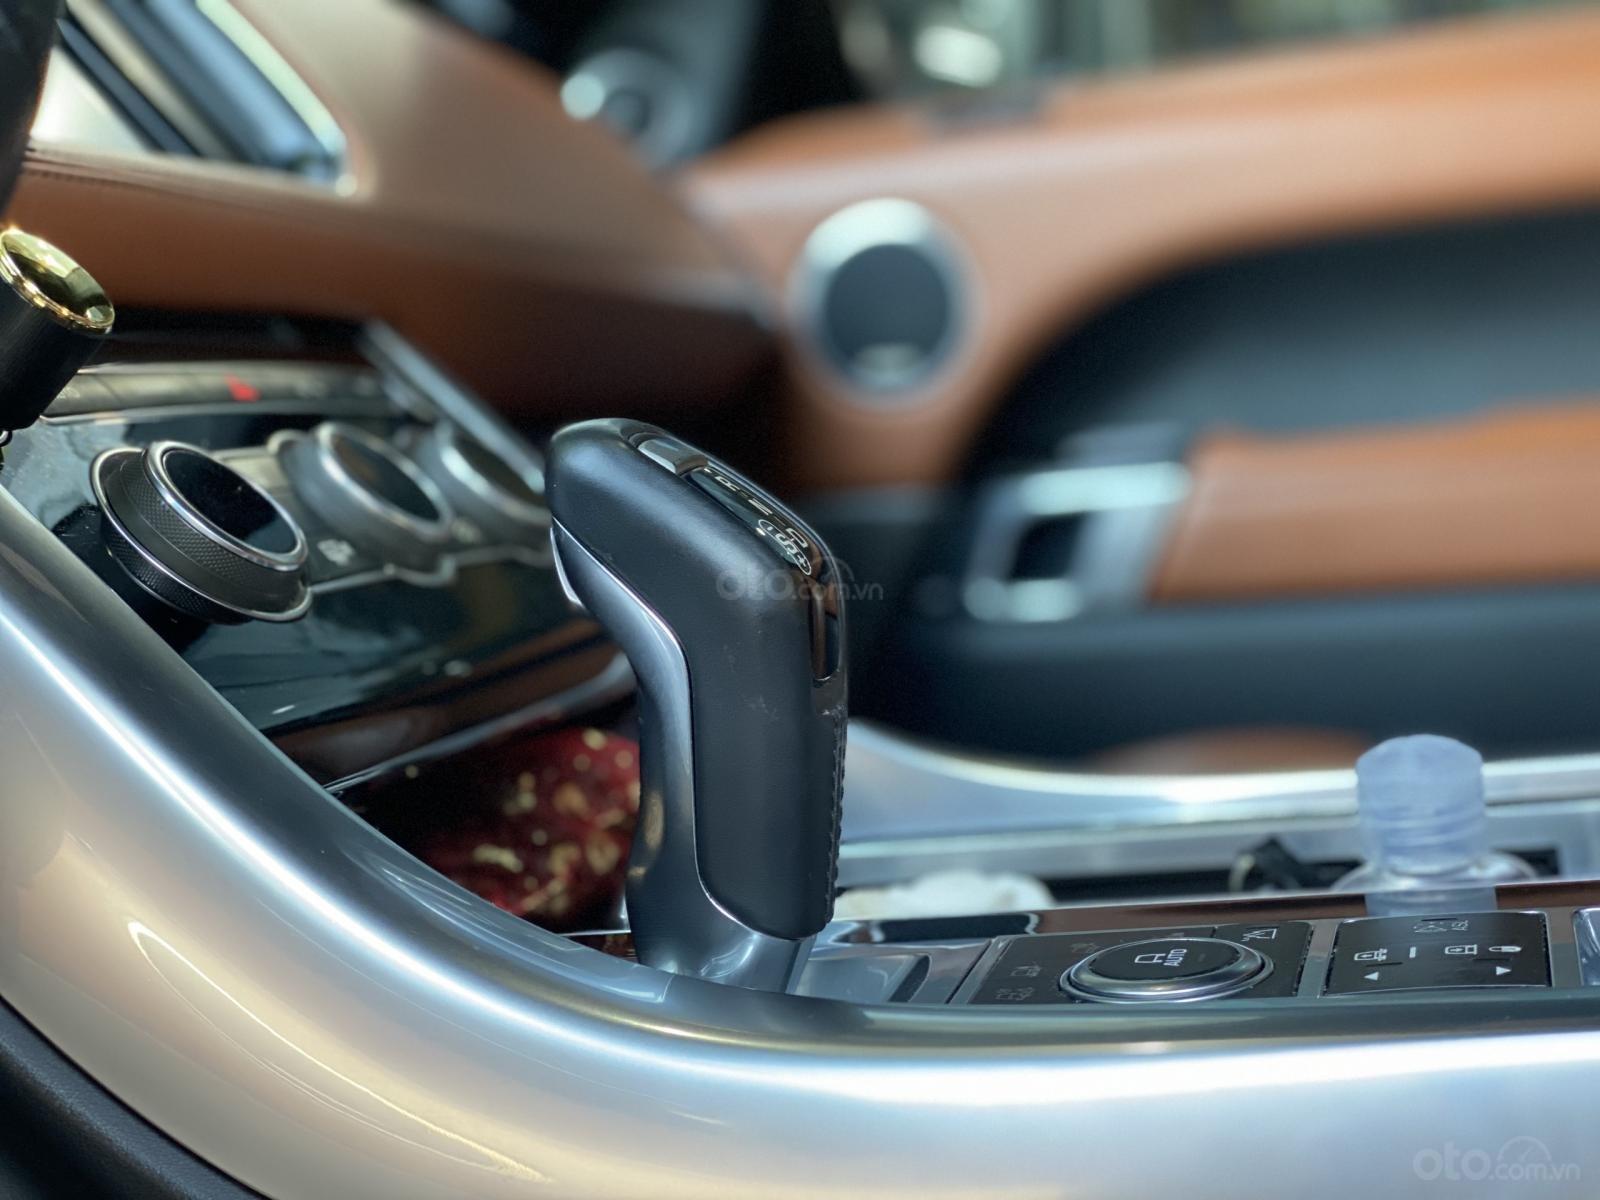 Range Rover Sport Superchac 5.0 sản xuất 2013, đăng ký 2016, đen da bò, hàng siêu hiếm (3)